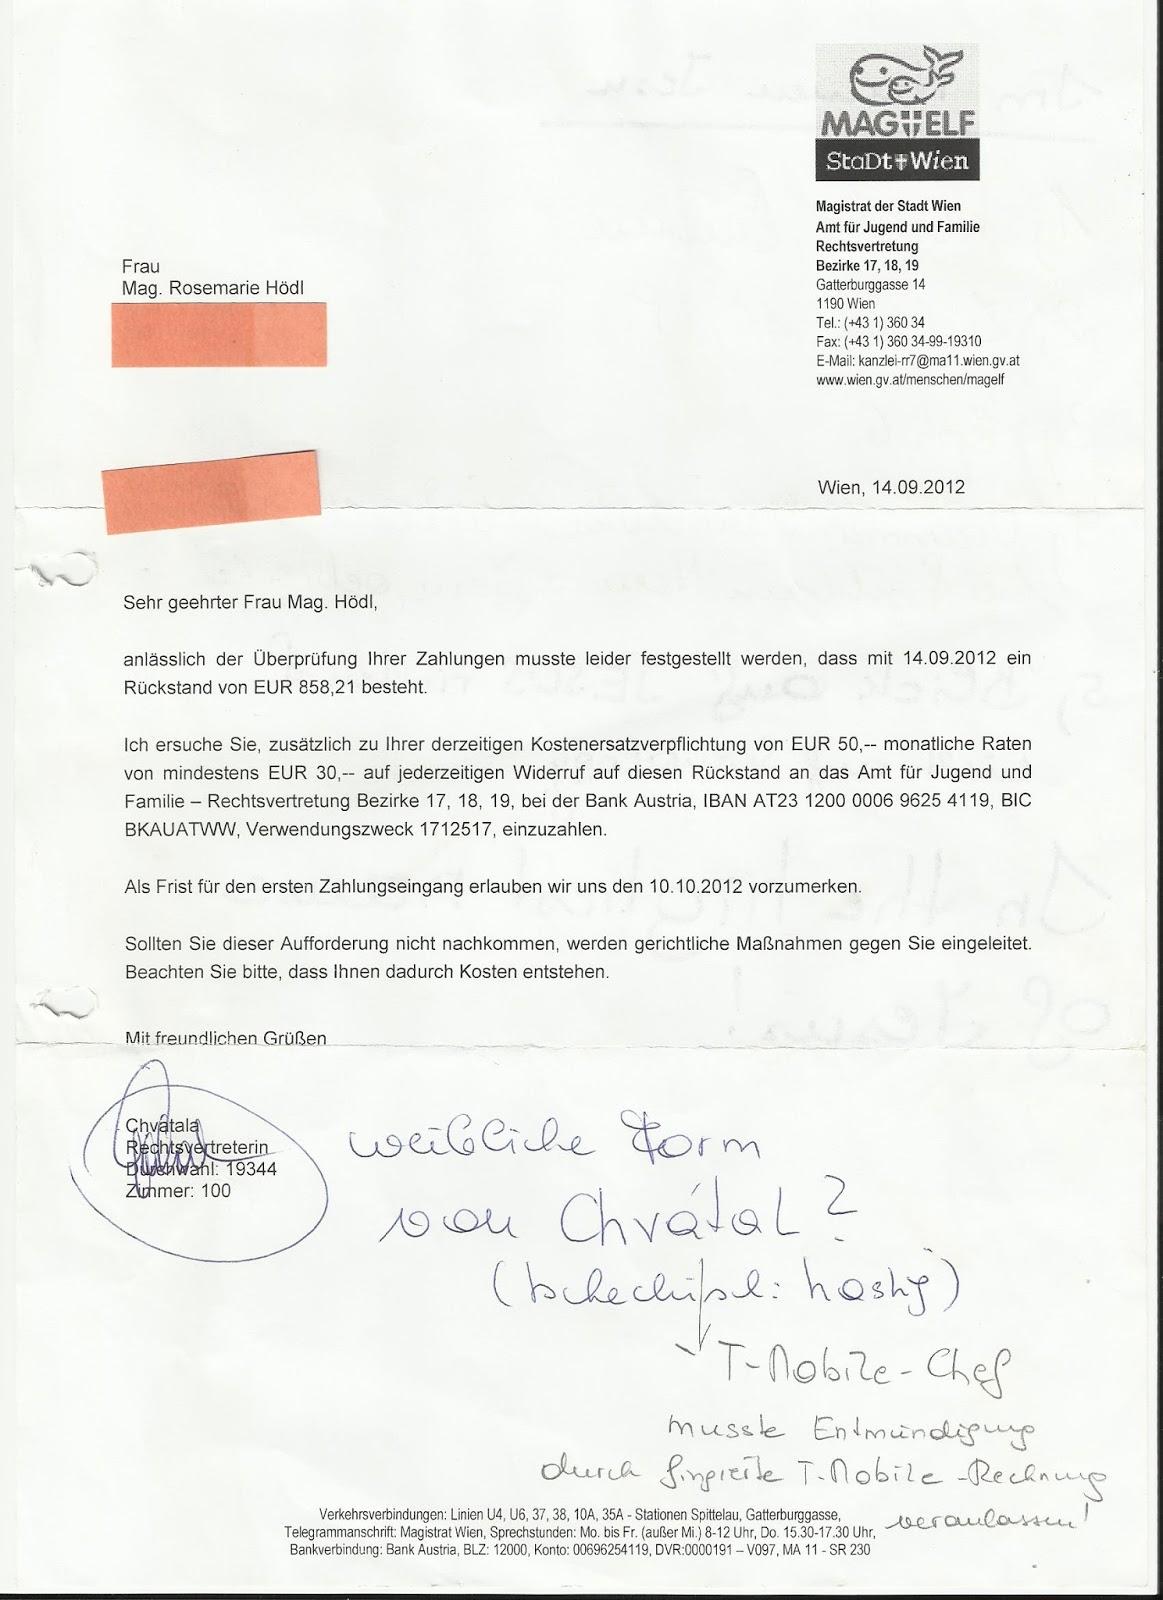 Gerichtsgebühren Im Sachwalterschaftsverfahren Justicia Austriaca